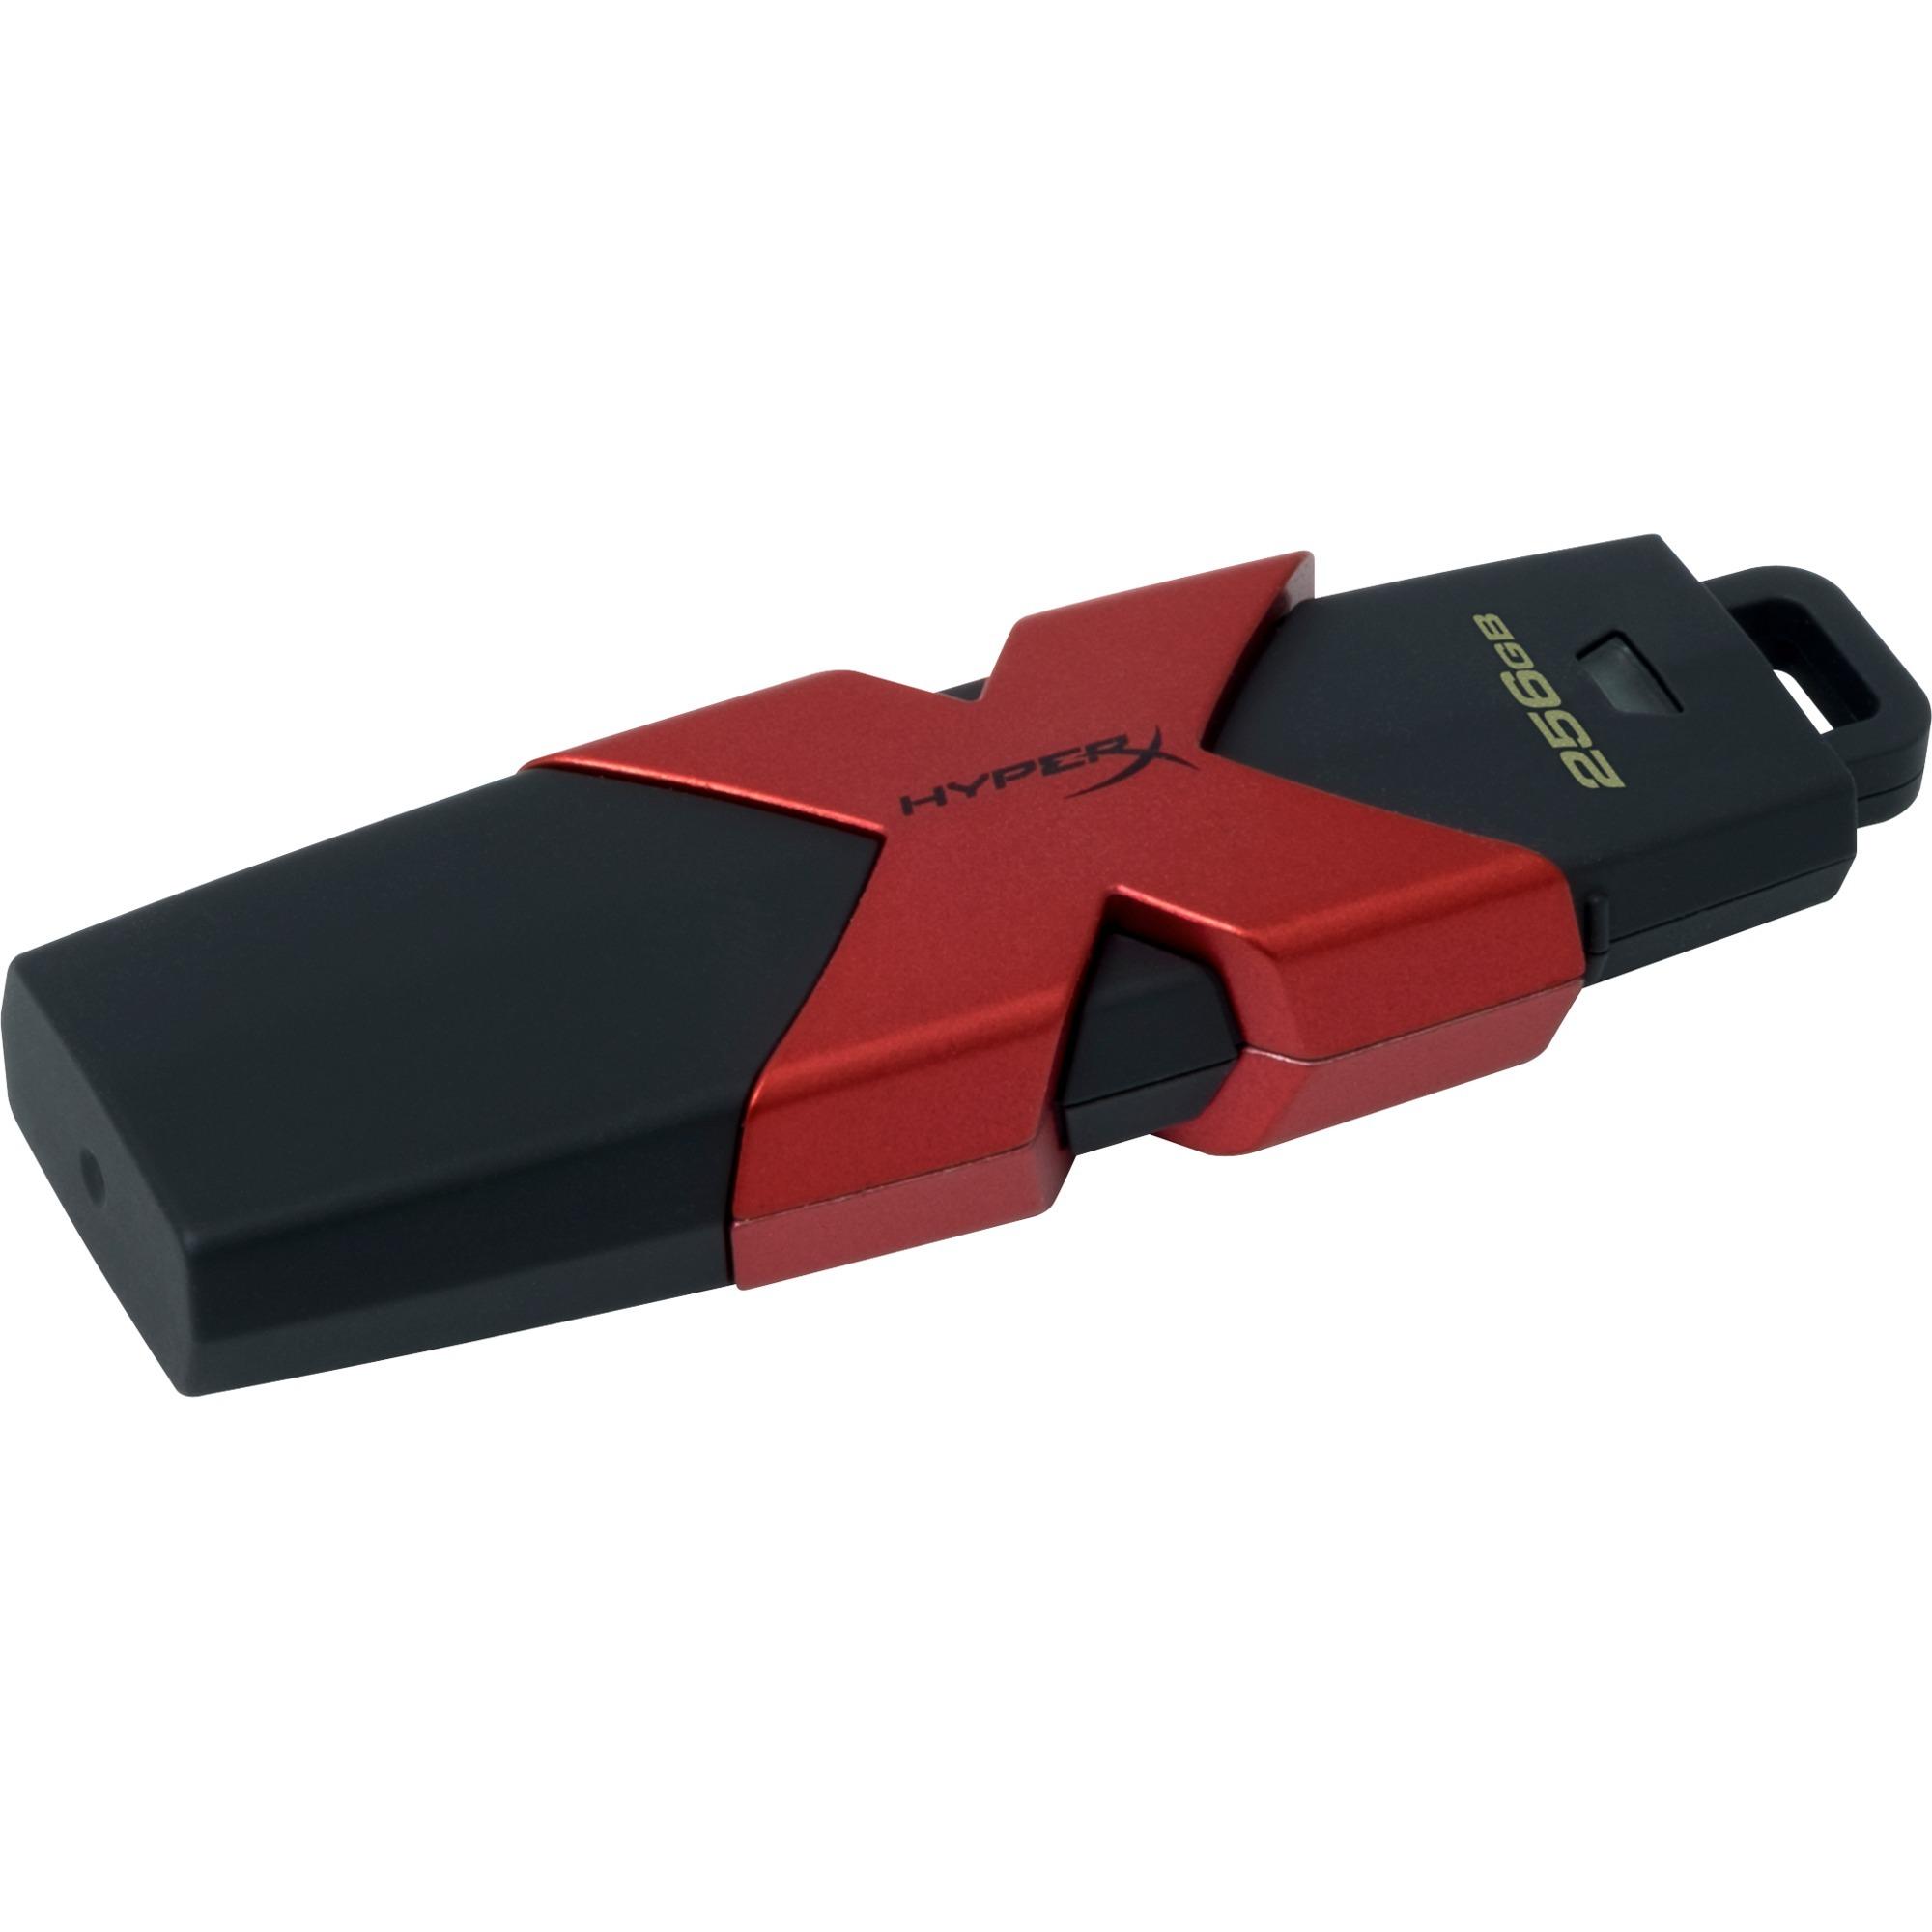 256GB 256GB USB 3.0 (3.1 Gen 1) Capacity Negro, Rojo unidad flash USB, Lápiz USB